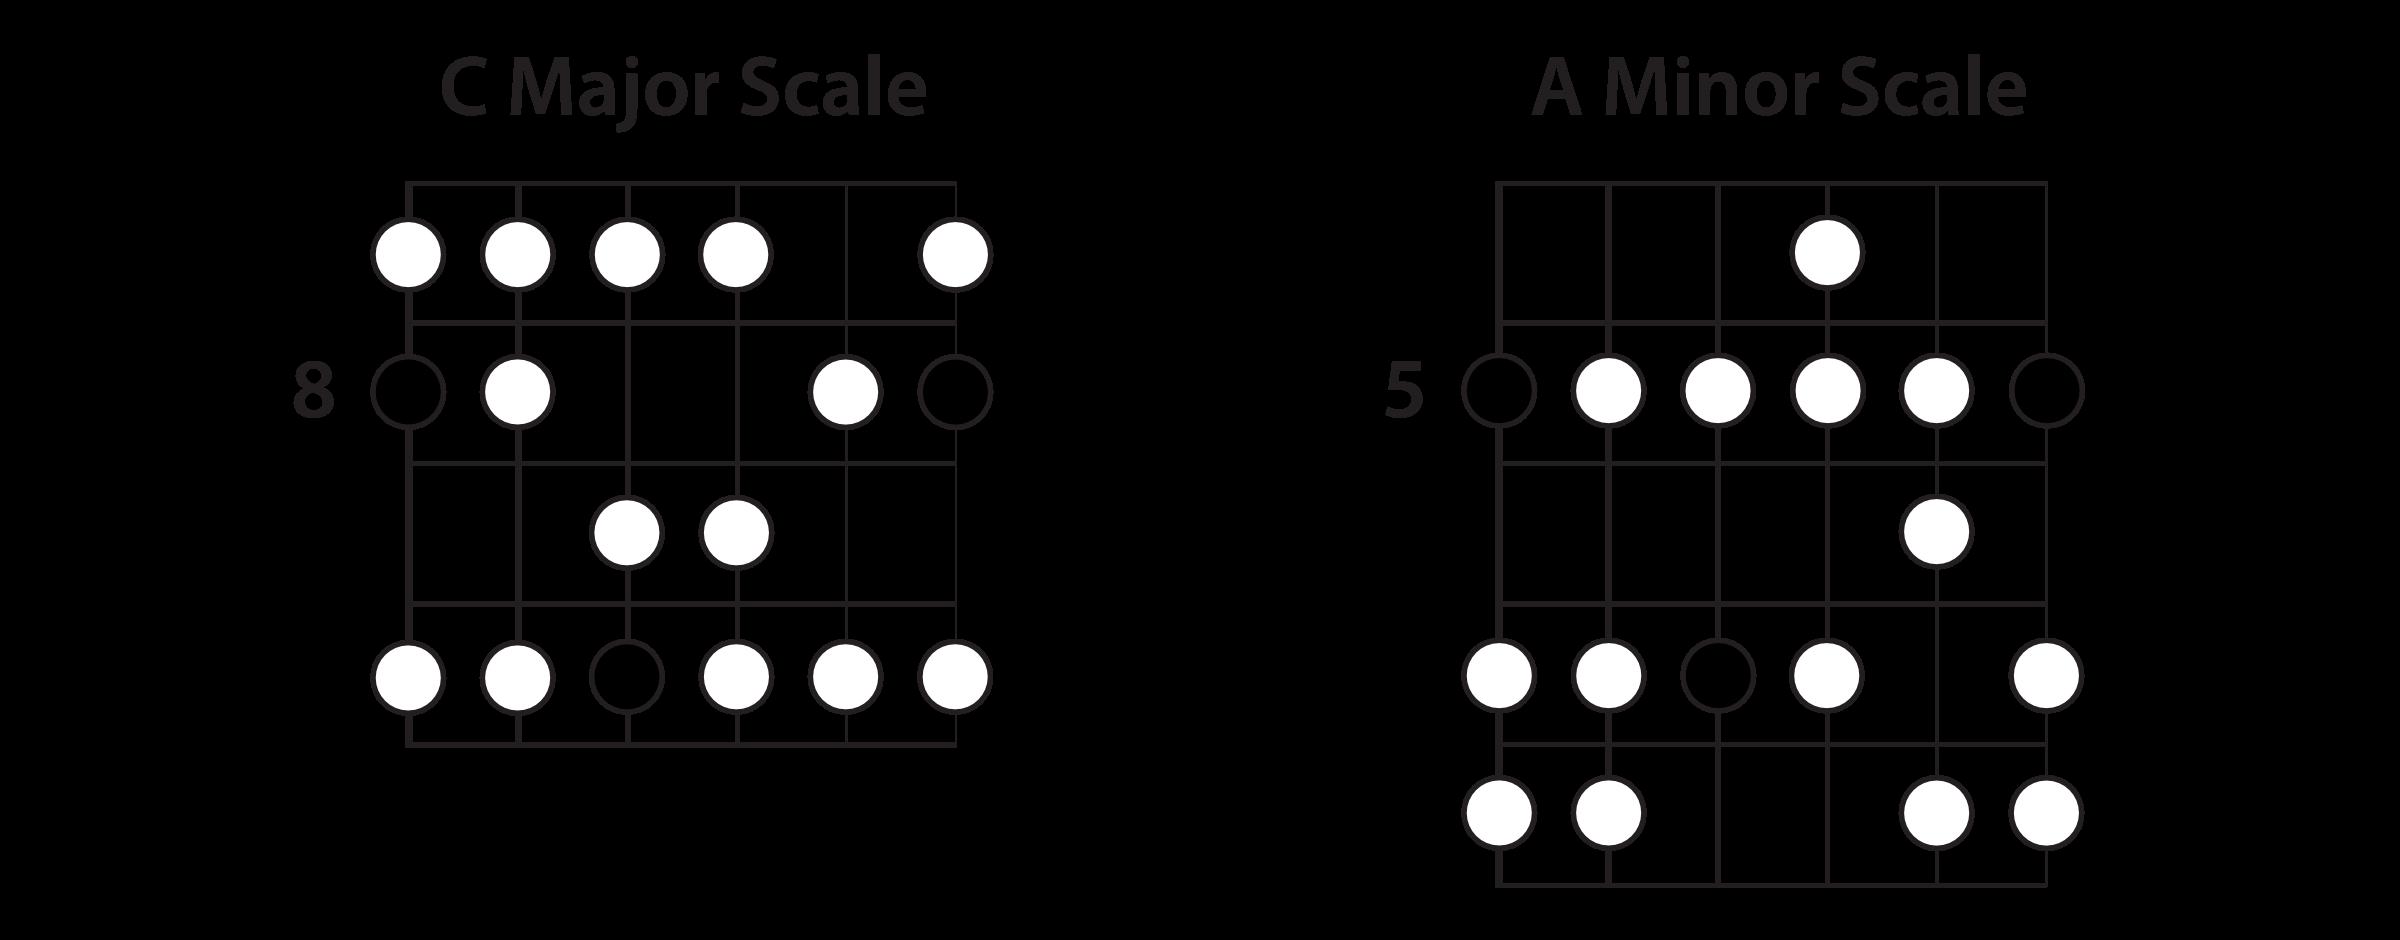 C Major & A Minor Scales